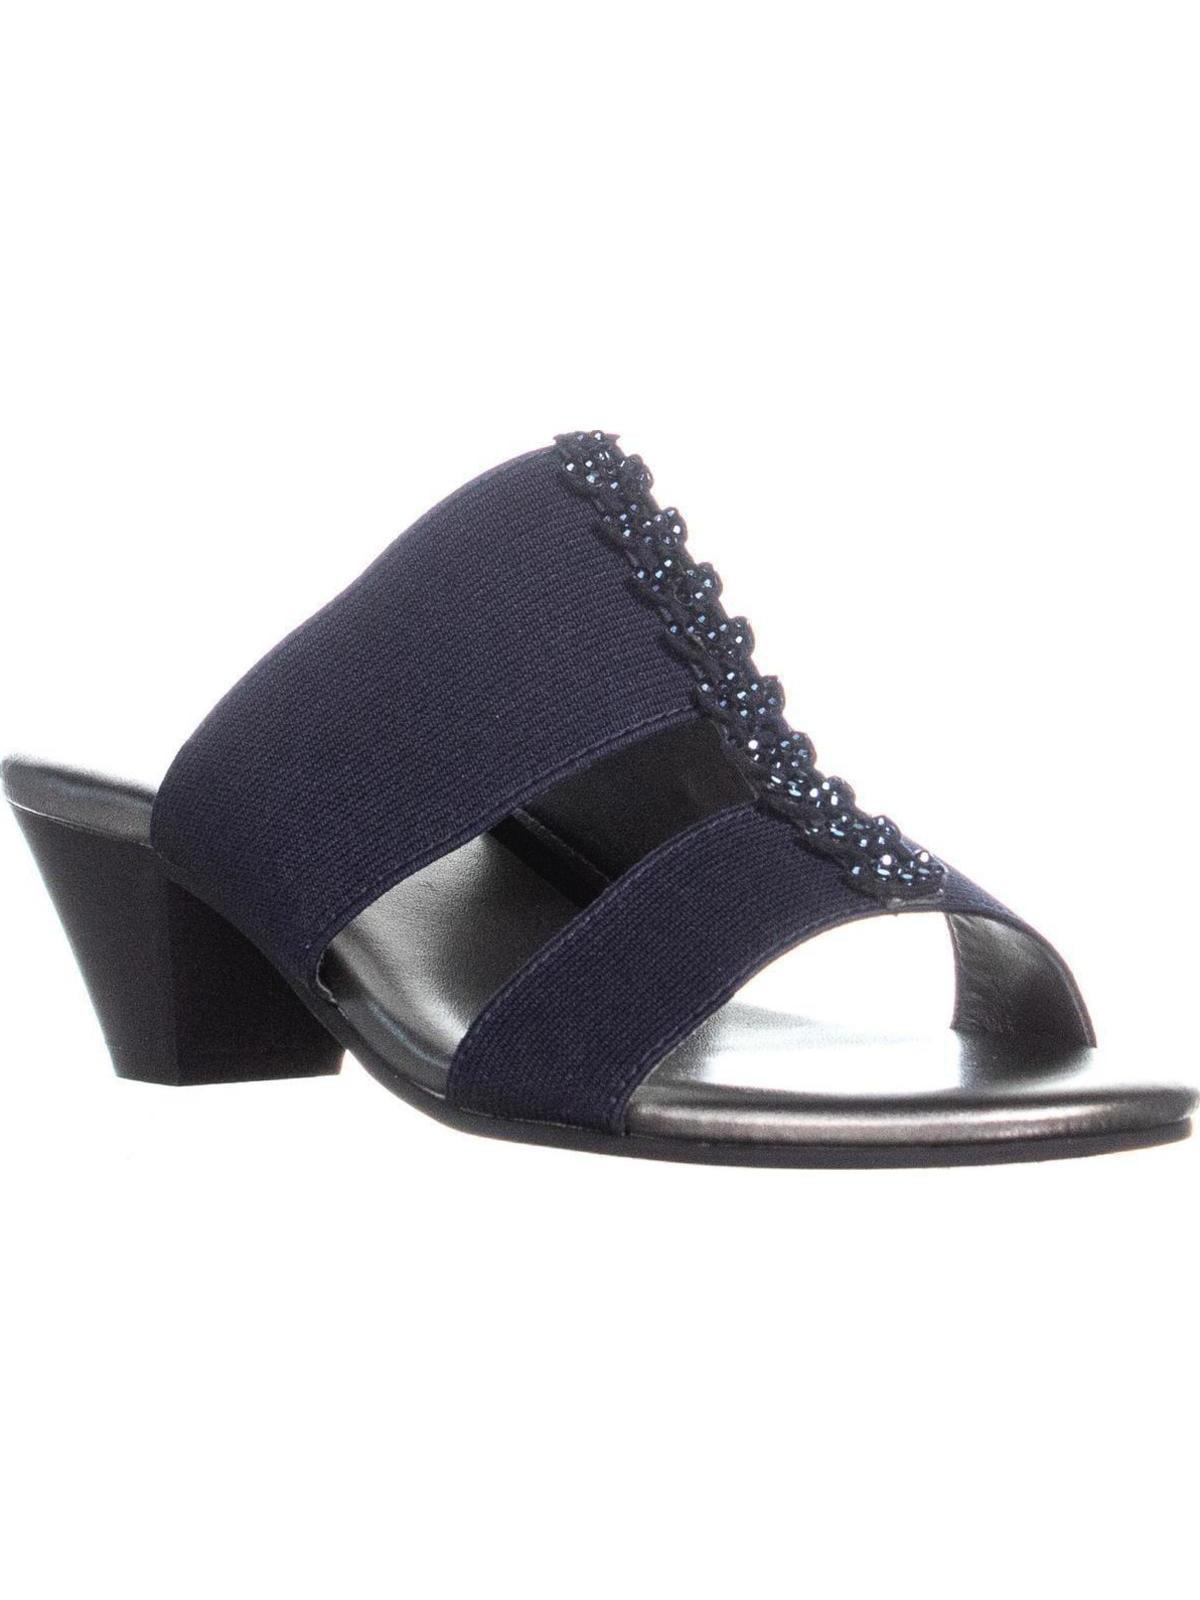 KS35 - Womens KS35 Zaila Low-Heel Slip